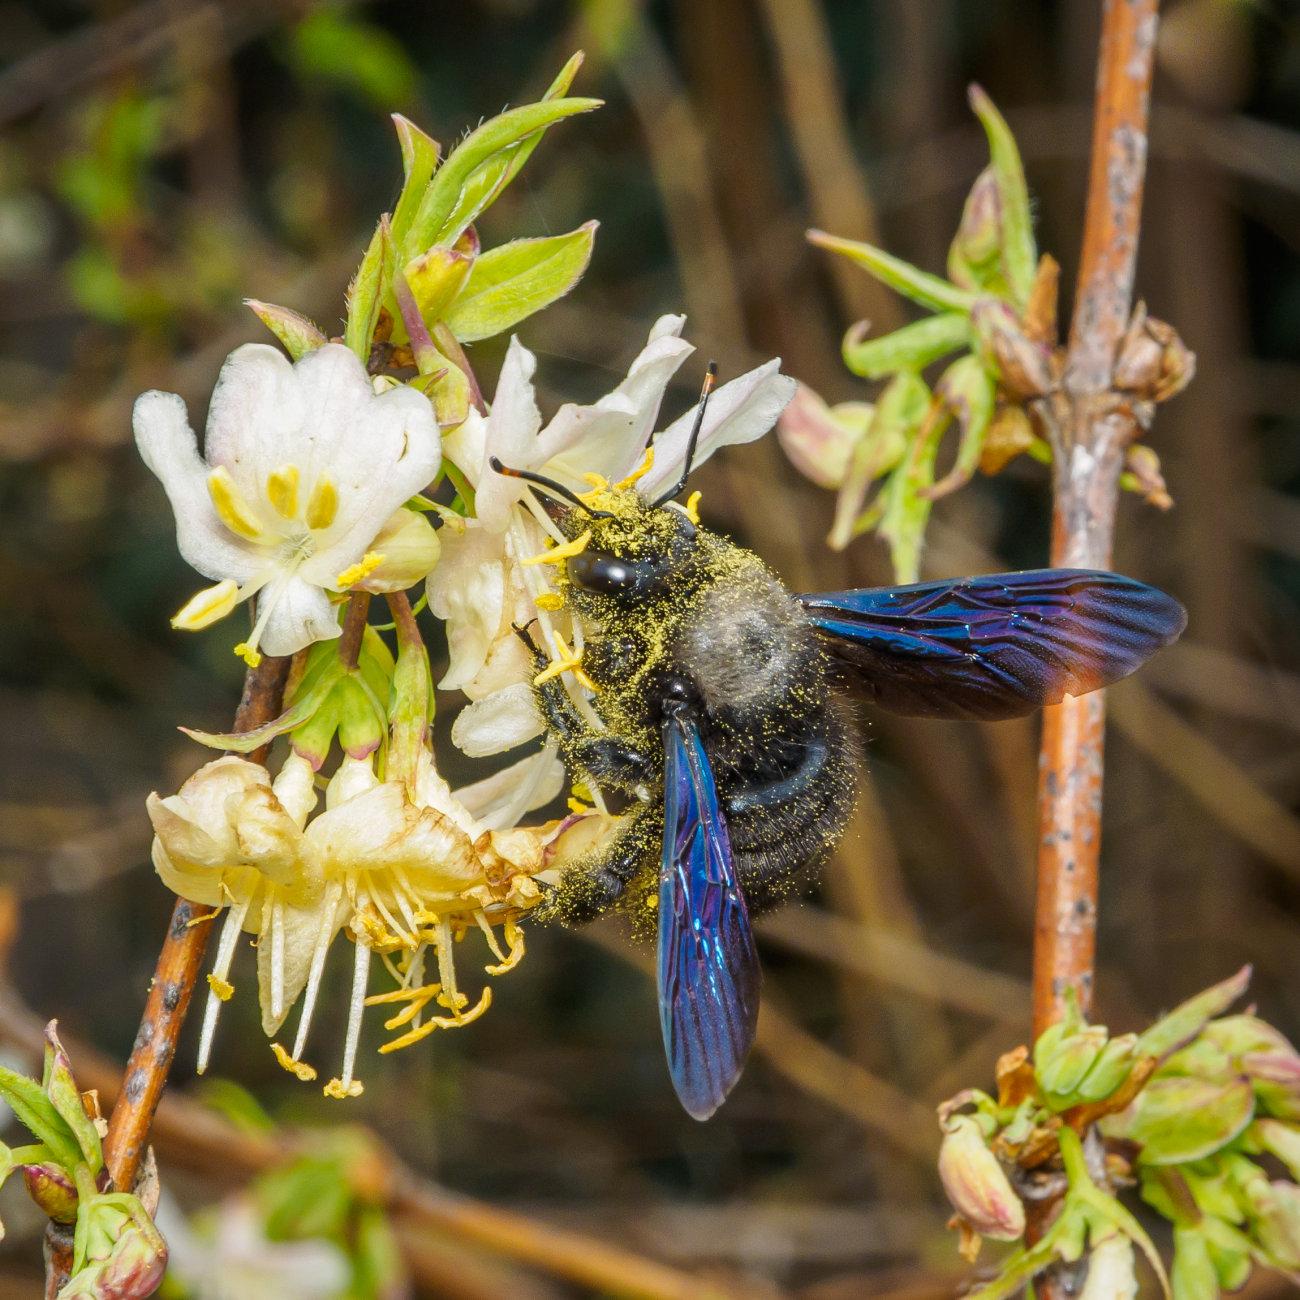 A busy Carpenter bee